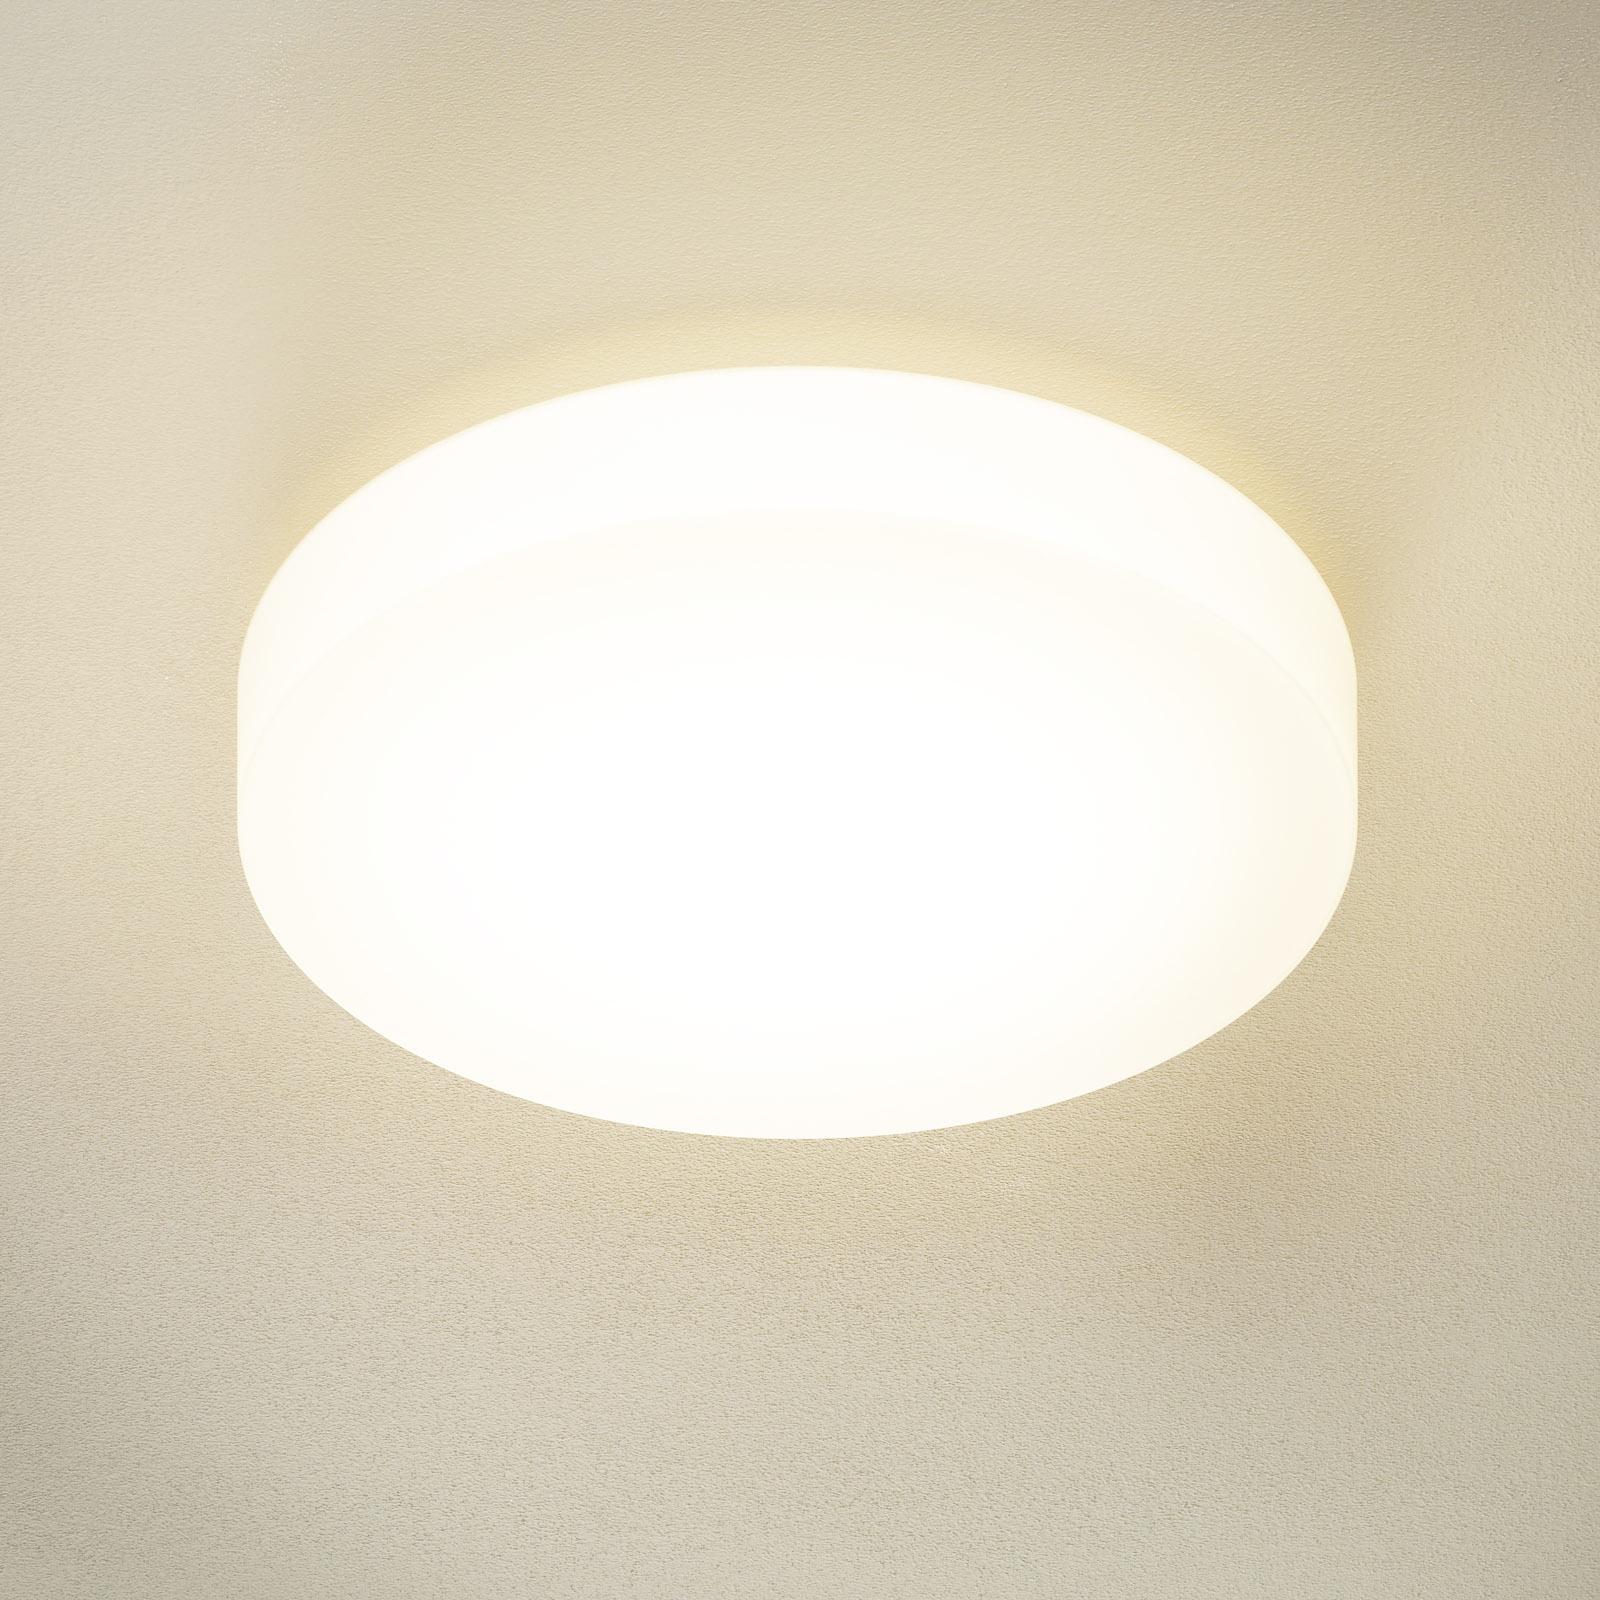 BEGA 23297 LED-kattovalaisin lasi DALI 3000K Ø47cm